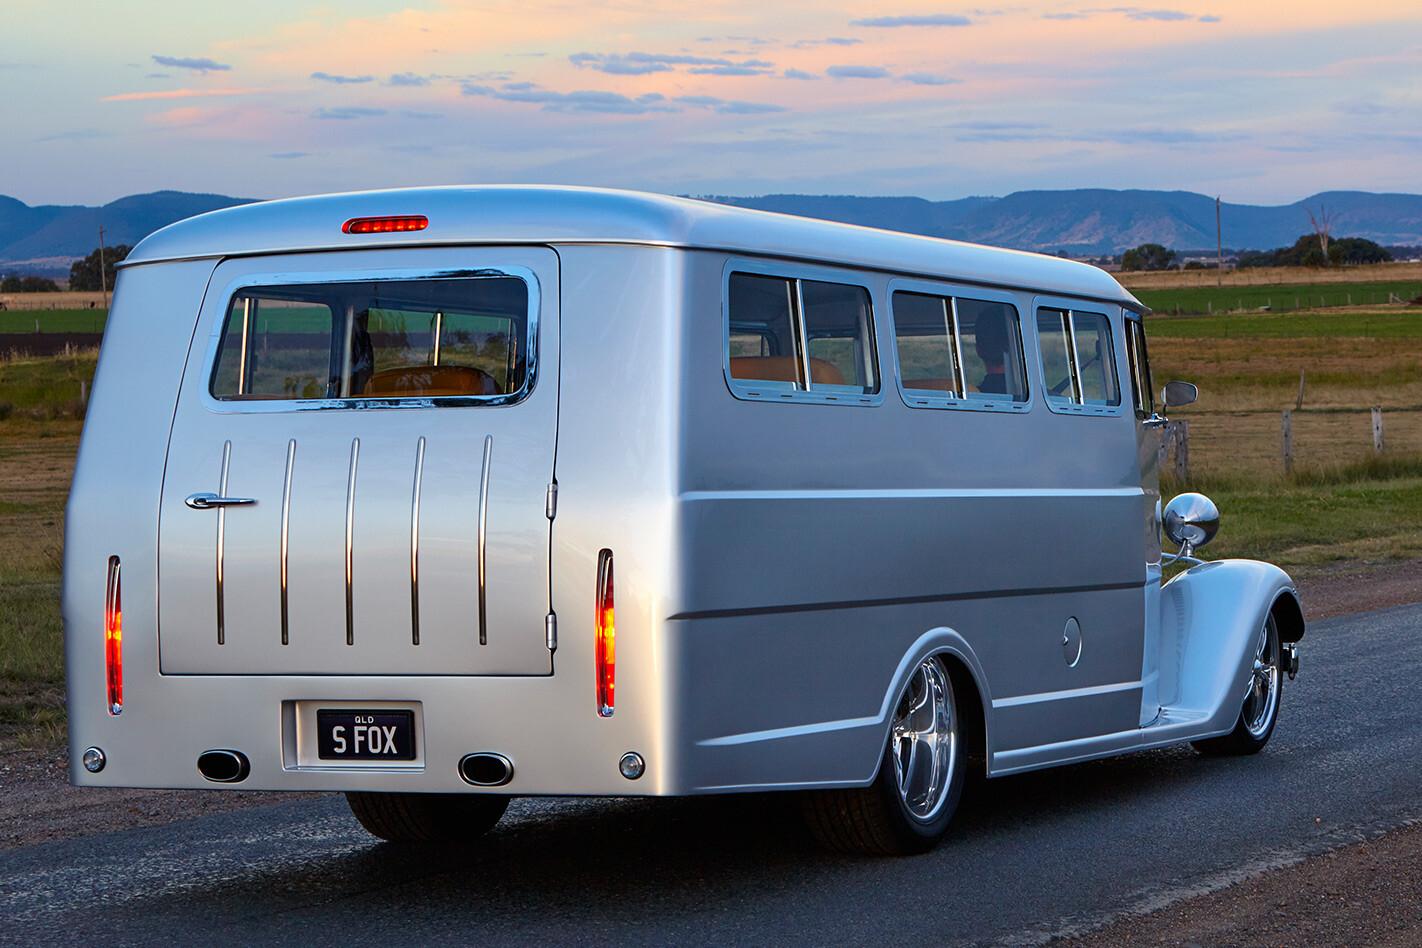 Silver Fox bus